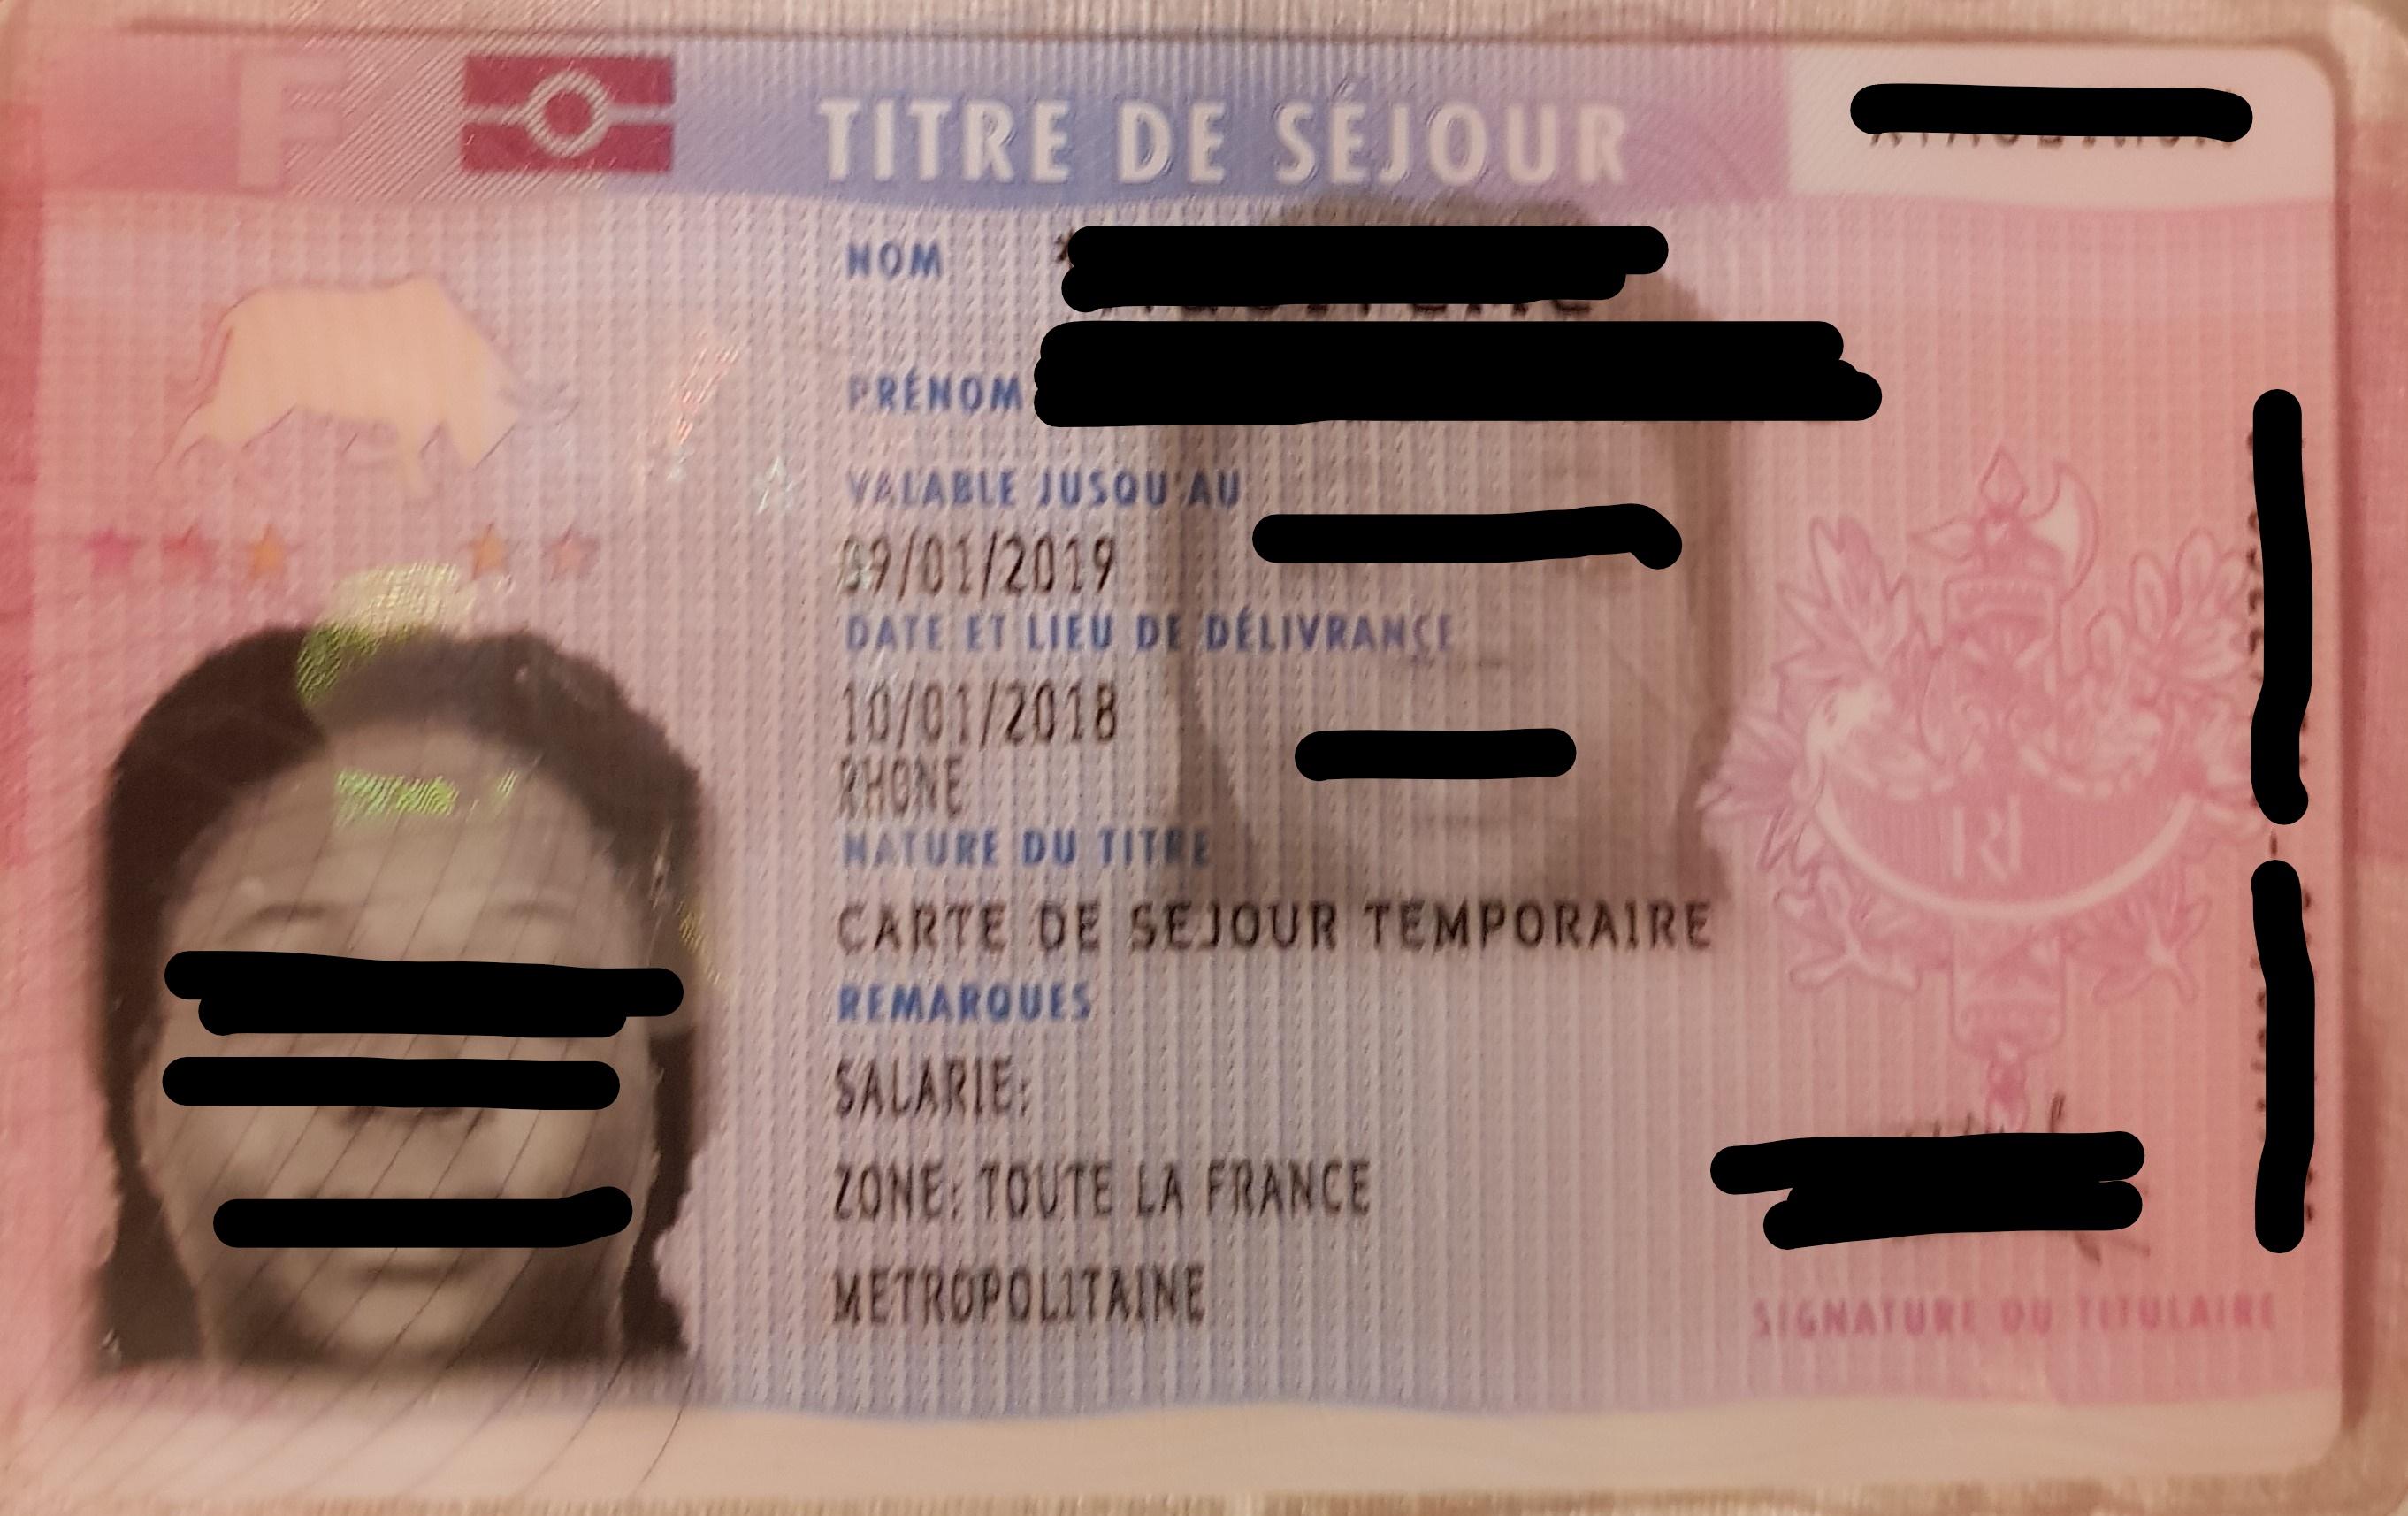 """Le premier titre de séjour """"salarié"""" et son importance pour la suite du parcours en France"""